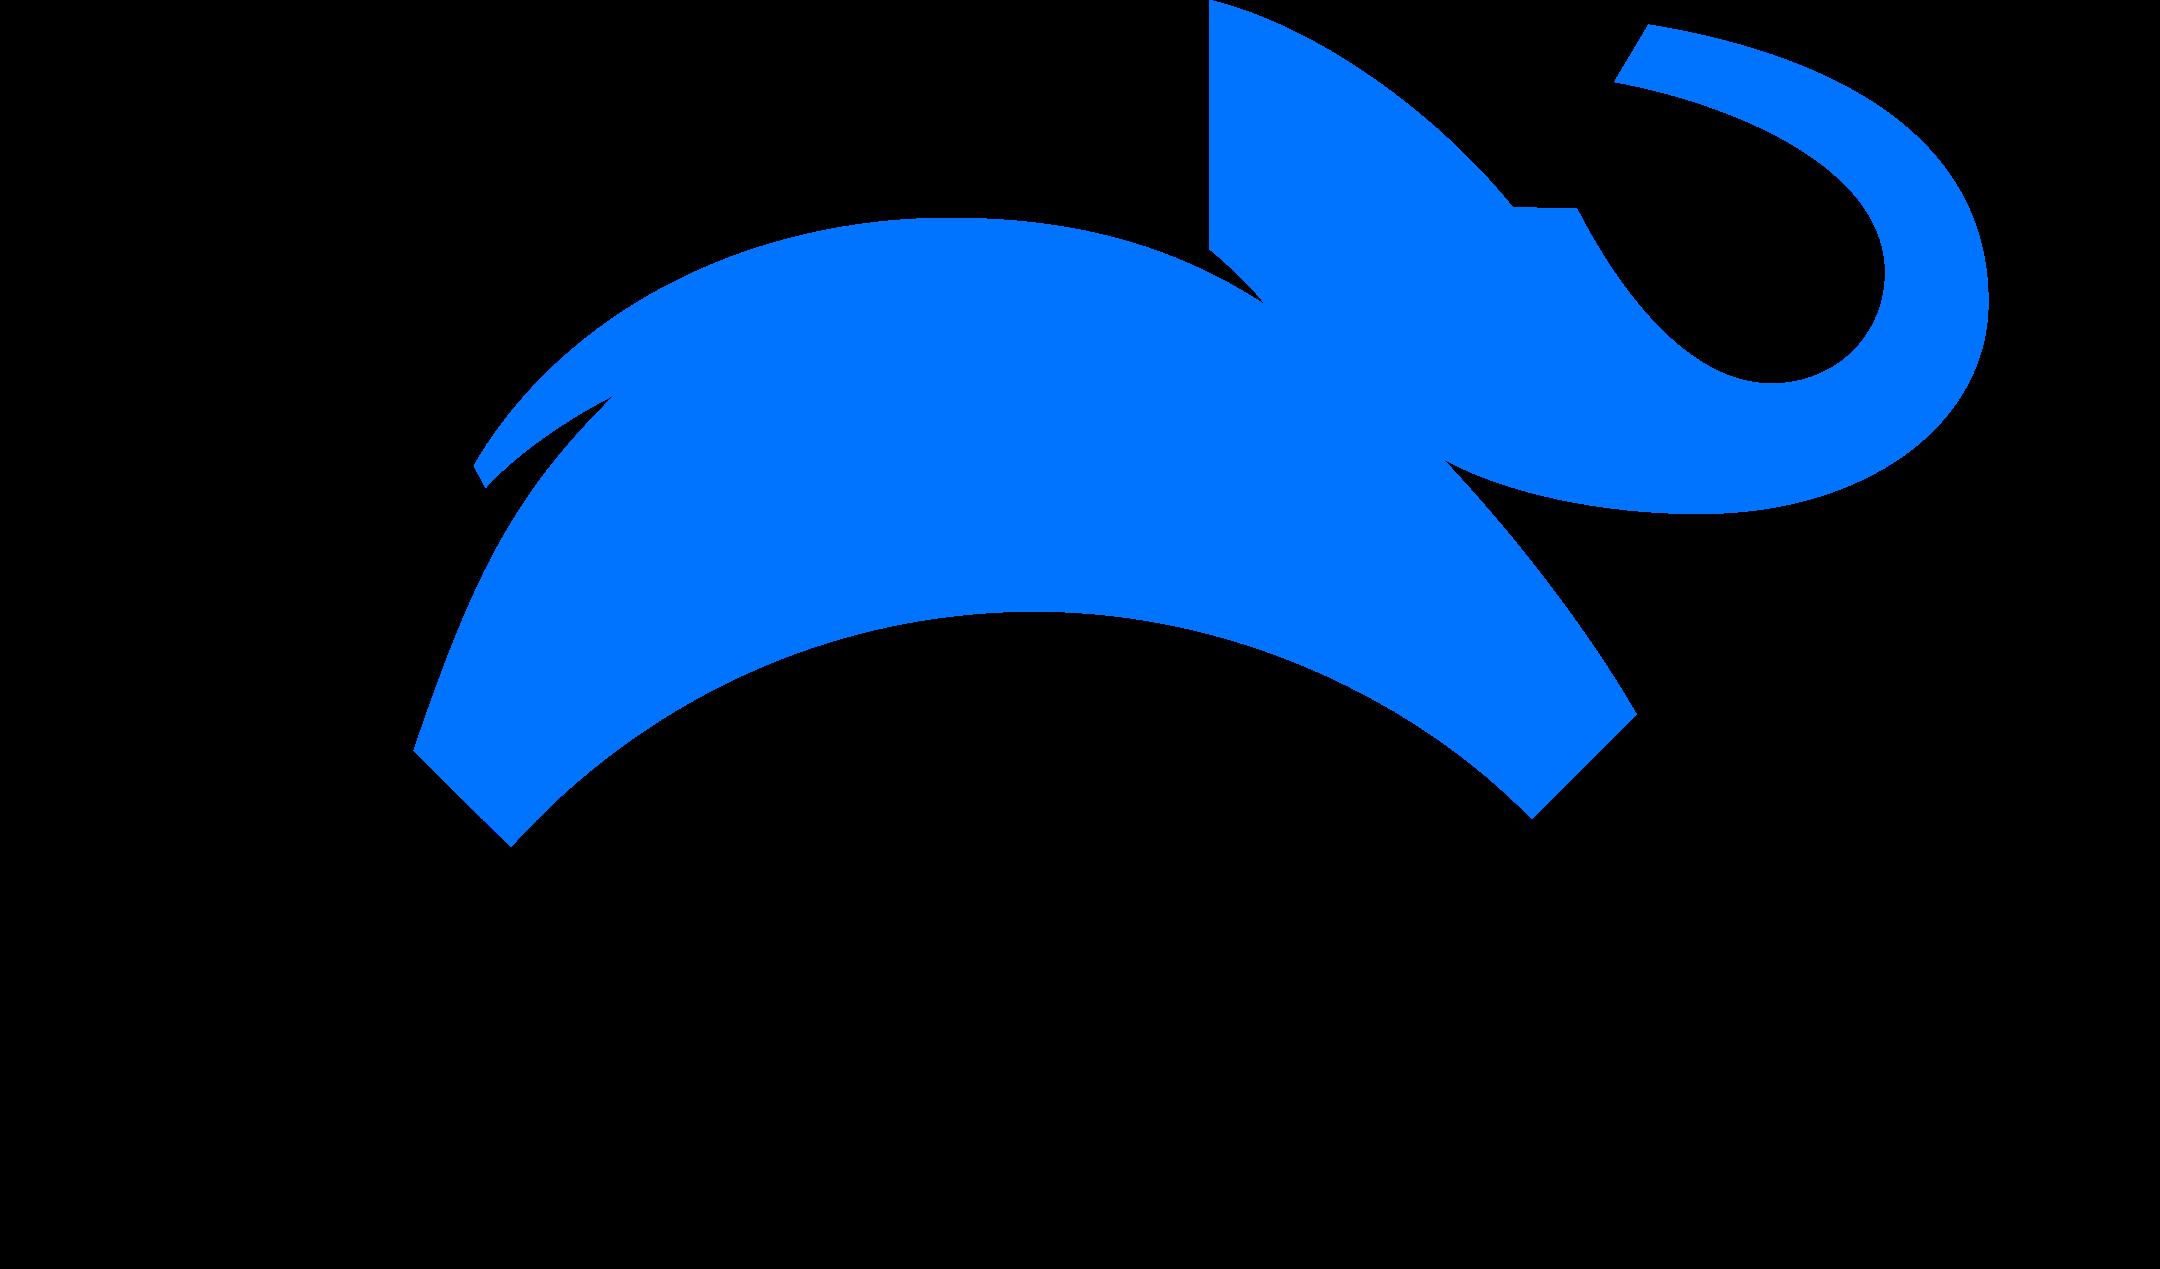 animal planet logo 1 - Animal Planet Logo